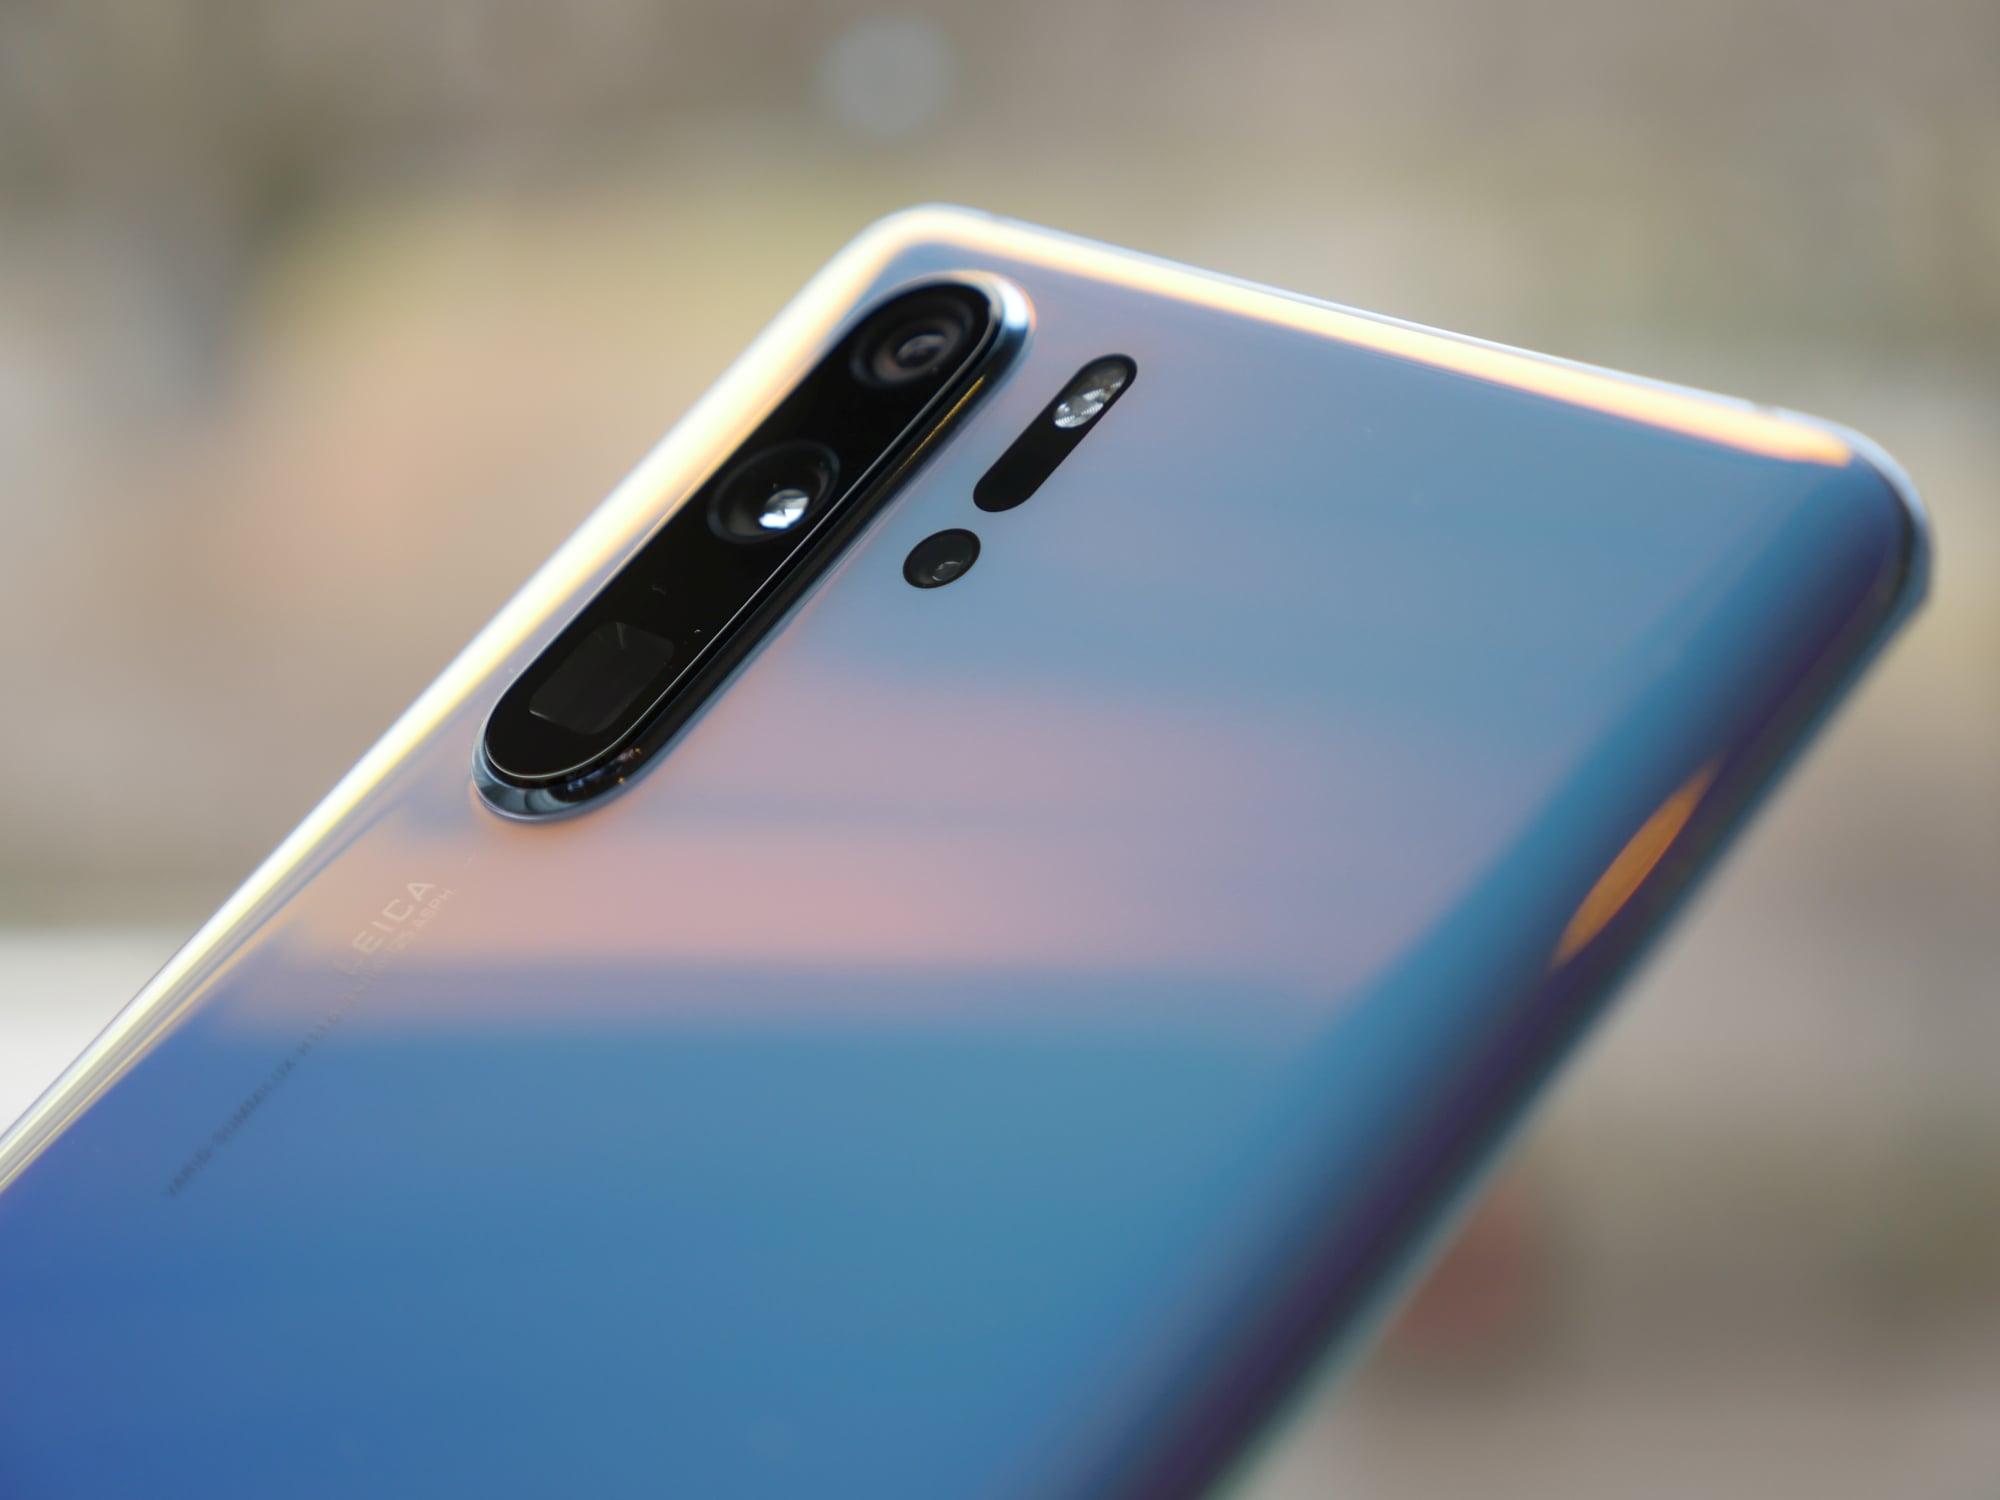 Huawei P30 i P30 Pro dostają powiadomienia firm trzecich na wygaszonym ekranie. Wreszcie! 20